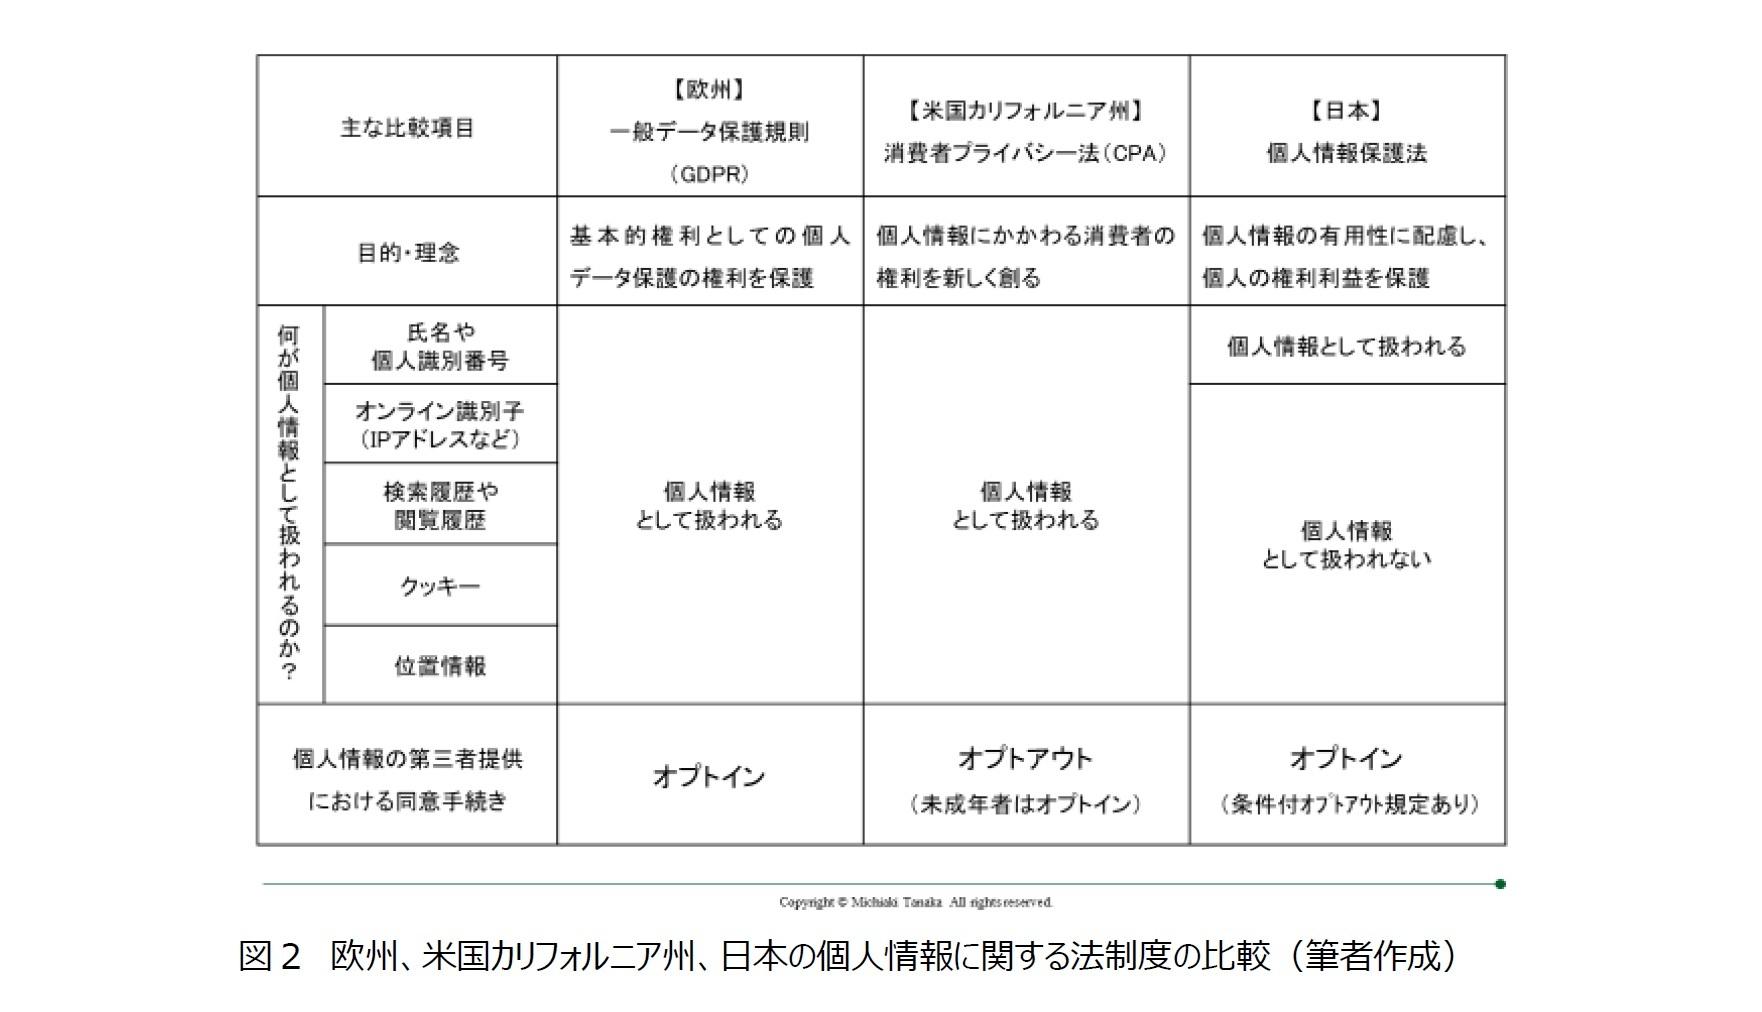 図2 欧州、米国カリフォルニア州、日本の個人情報に関する法制度の比較(筆者作成)